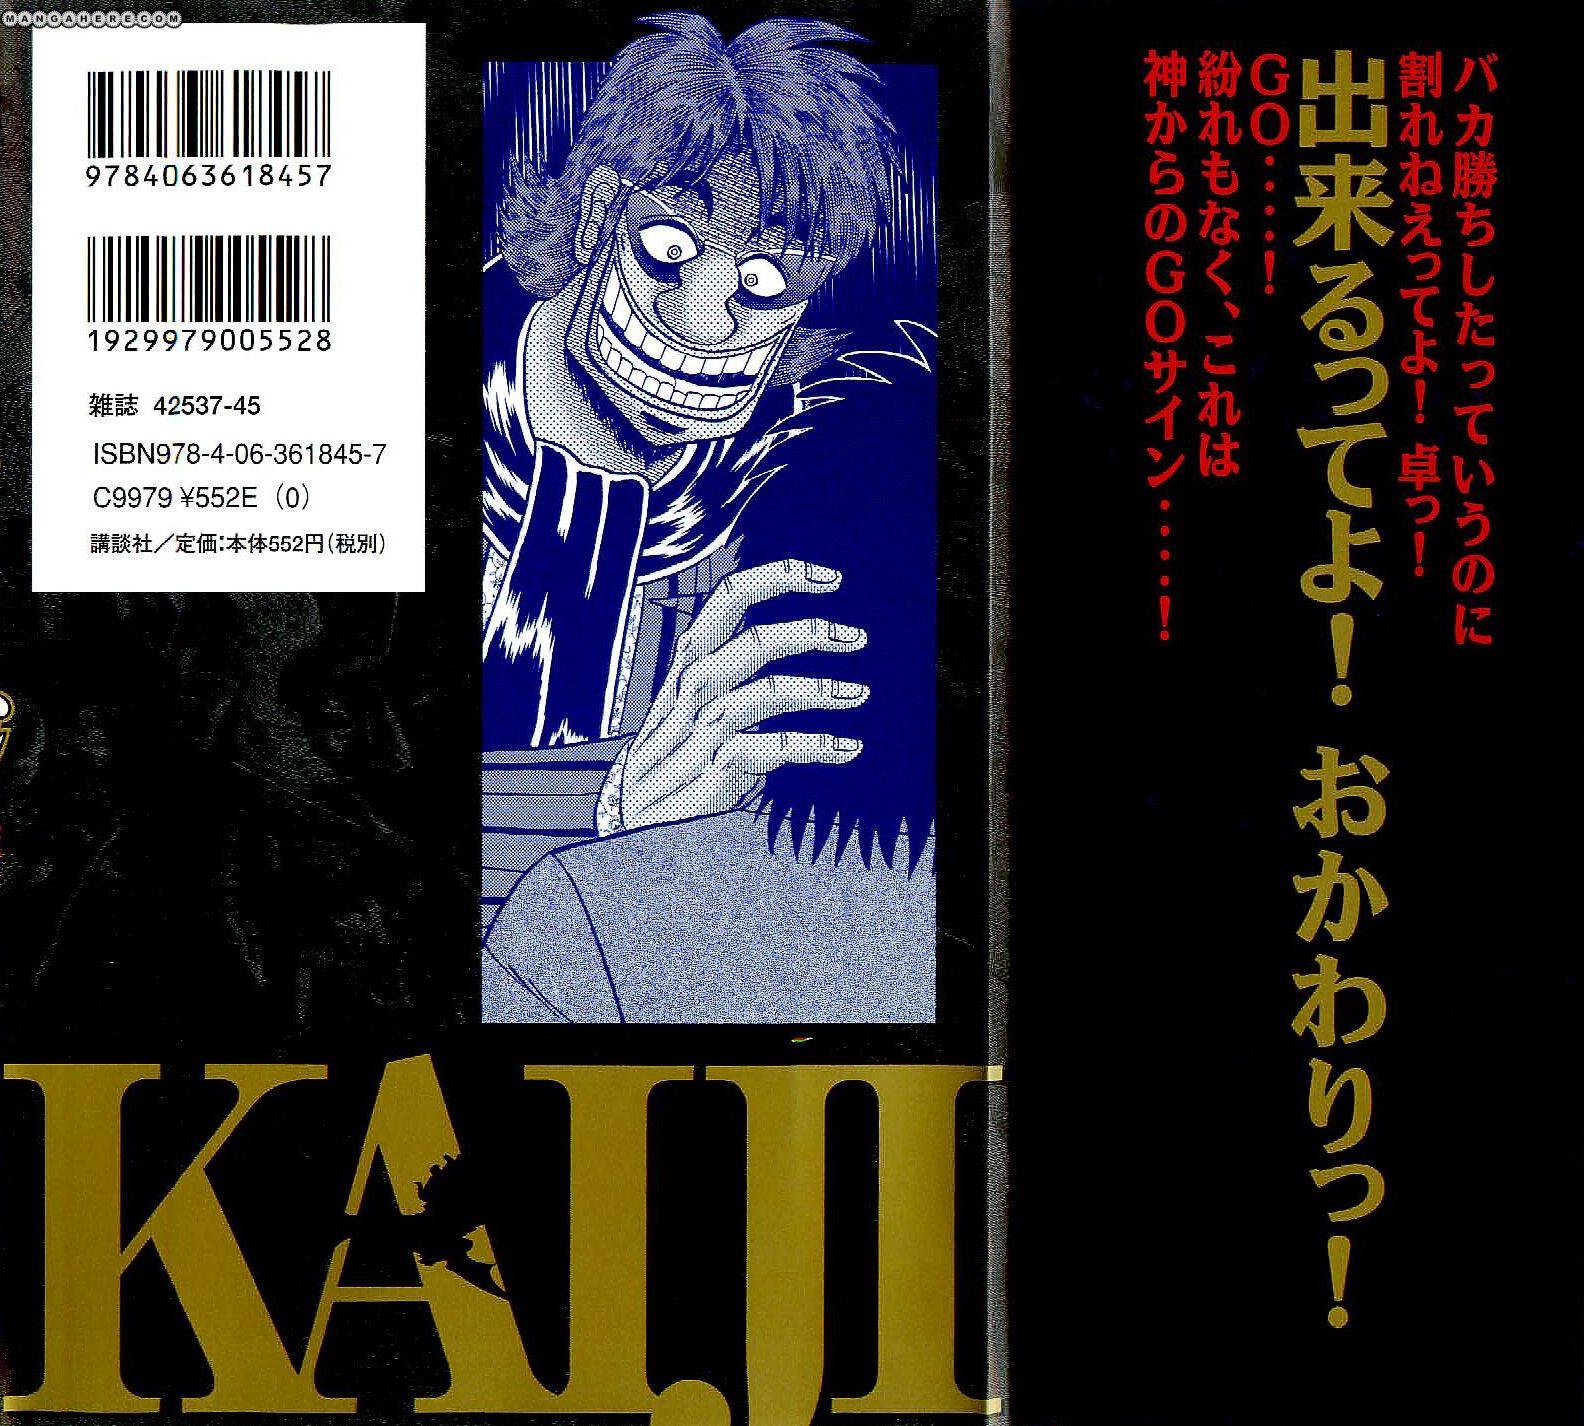 Tobaku Datenroku Kaiji: Kazuyahen 1 Page 2